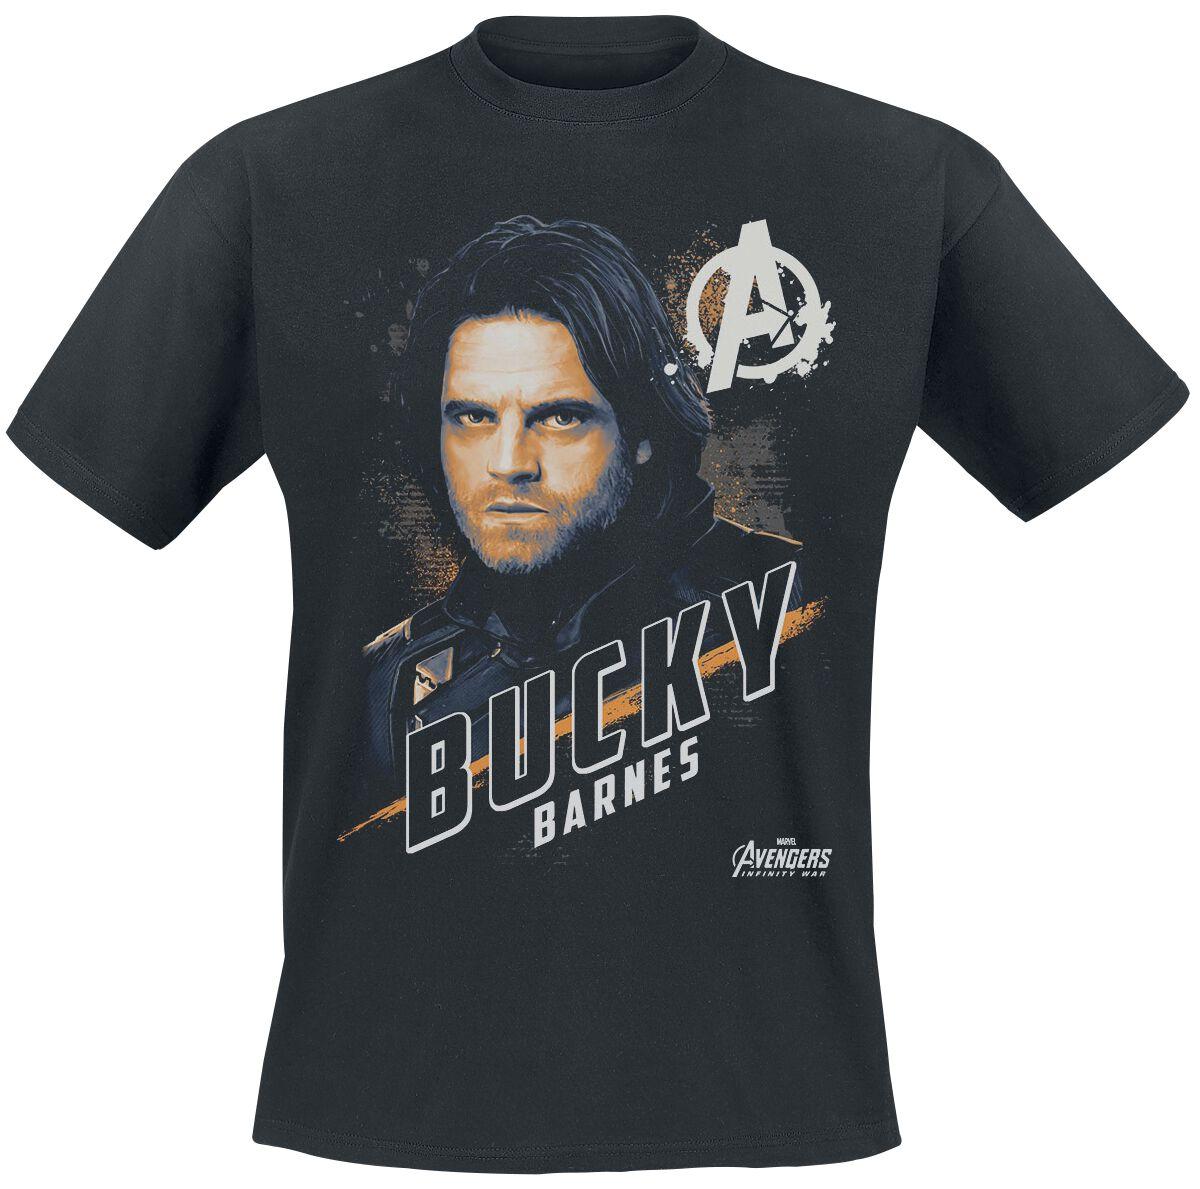 Avengers Bucky Barnes T-Shirt schwarz POD - 18MARL00123A - MRVL - 1323